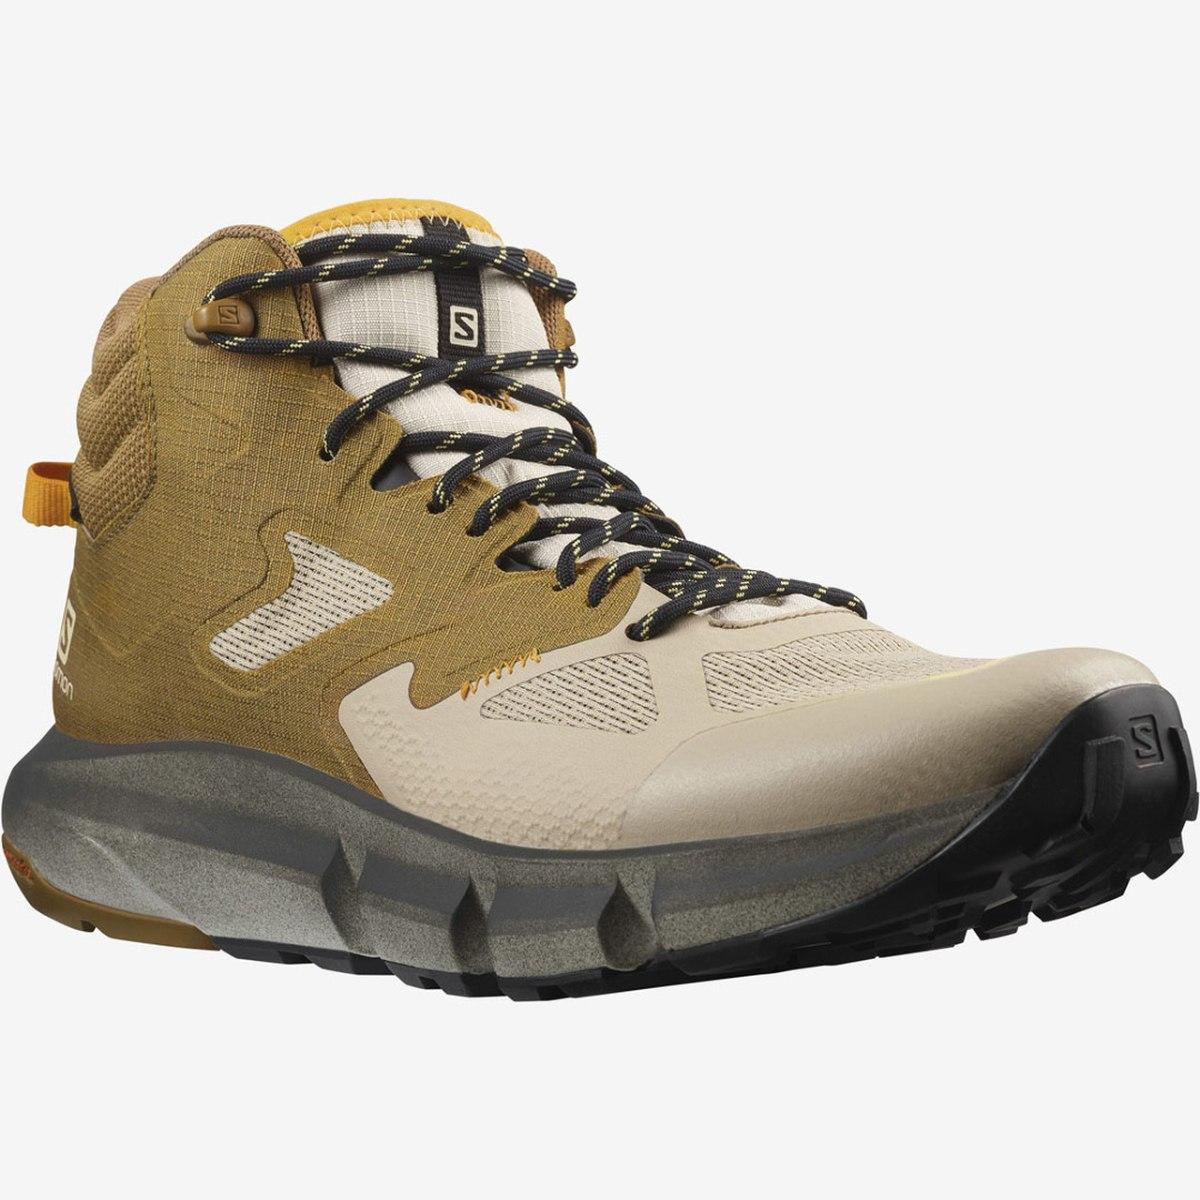 נעלי הליכה SALOMON PREDICT HIKE MID GORE-TEX BY SALOMO